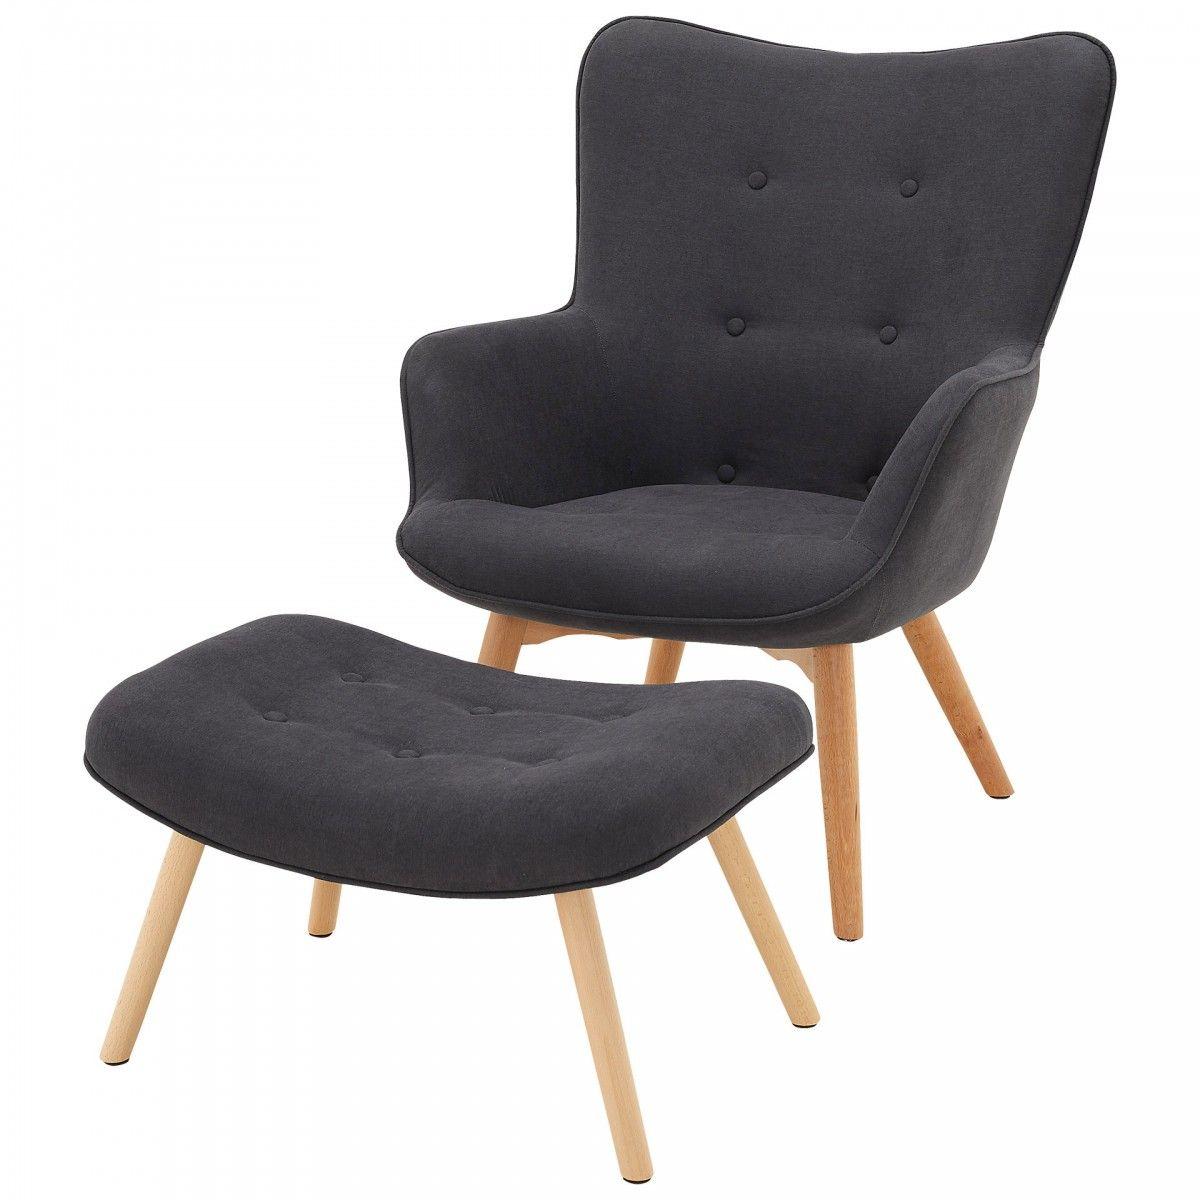 Tolles Set Sessel Und Hocker Trendiger Retro Stil In Dunkelgrau Zurucklehnen Und Fusse Hochlegen Sessel Hocker Retro Stil